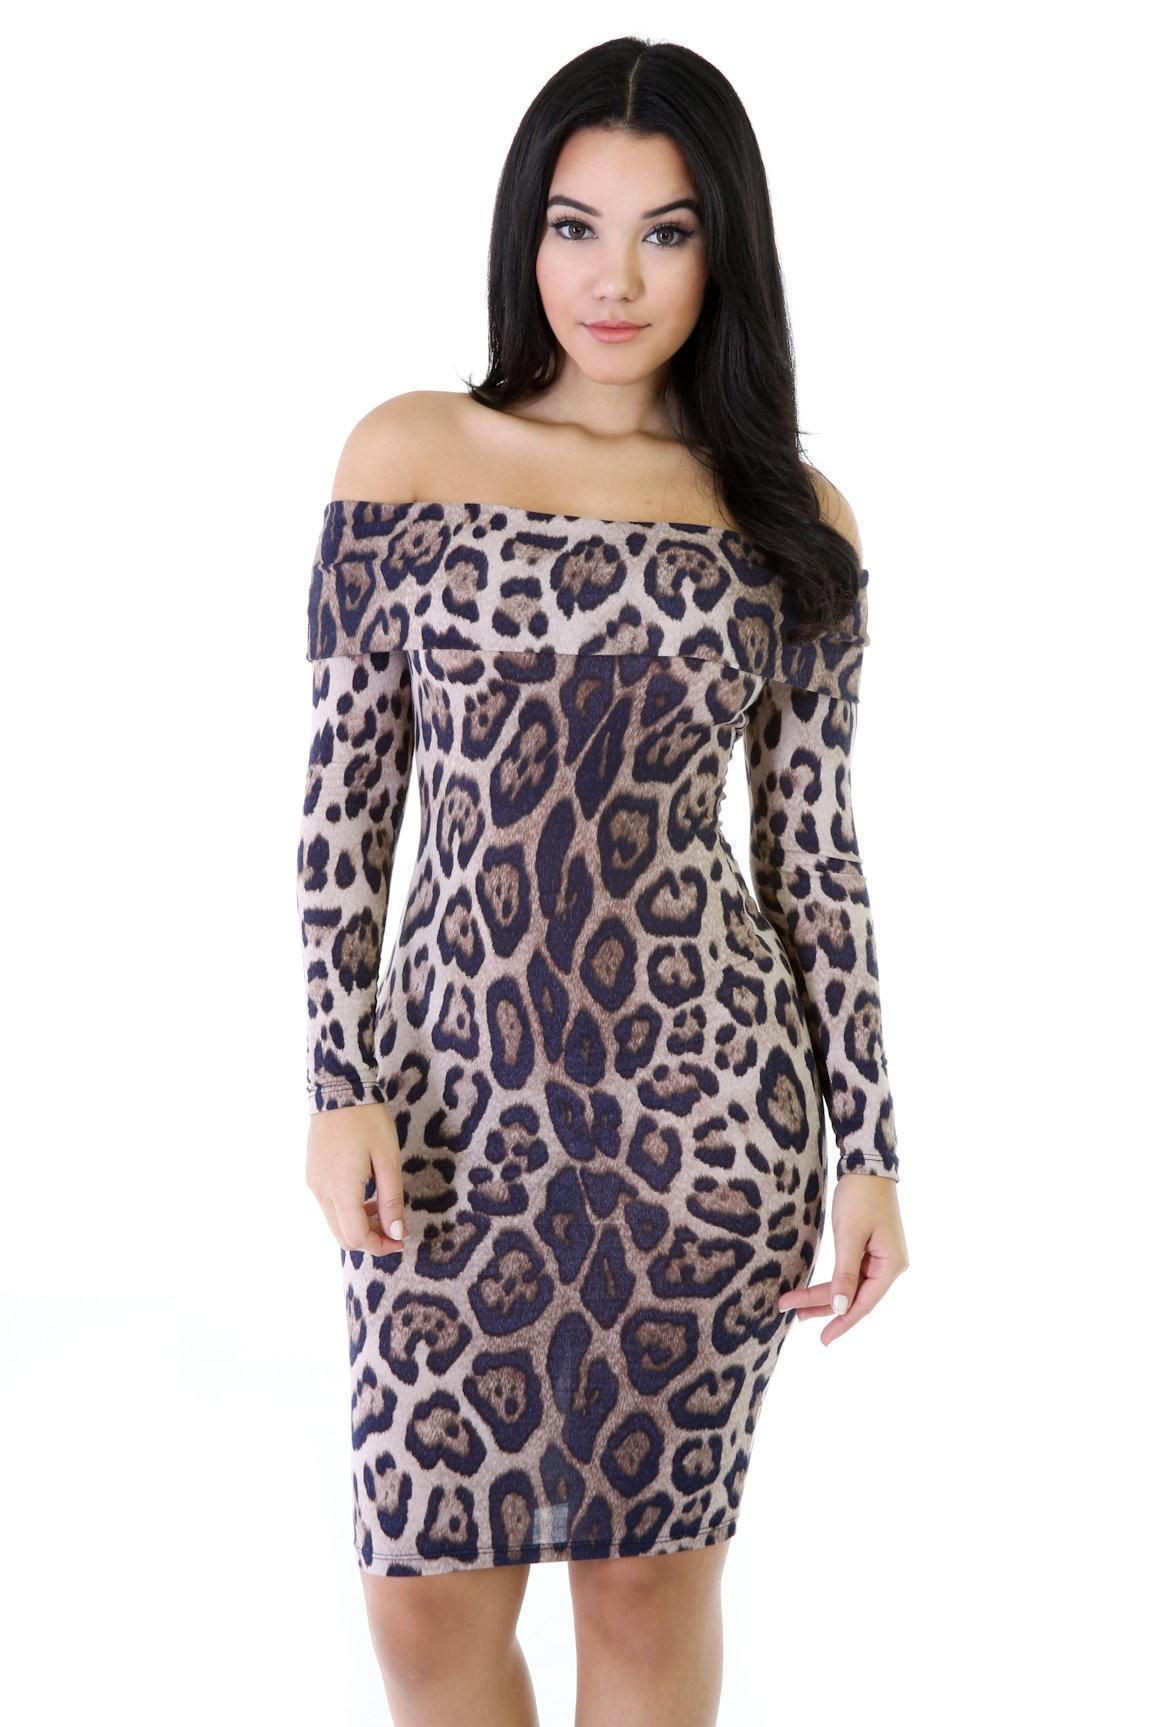 Cheetah Chills 2 Midi Dress